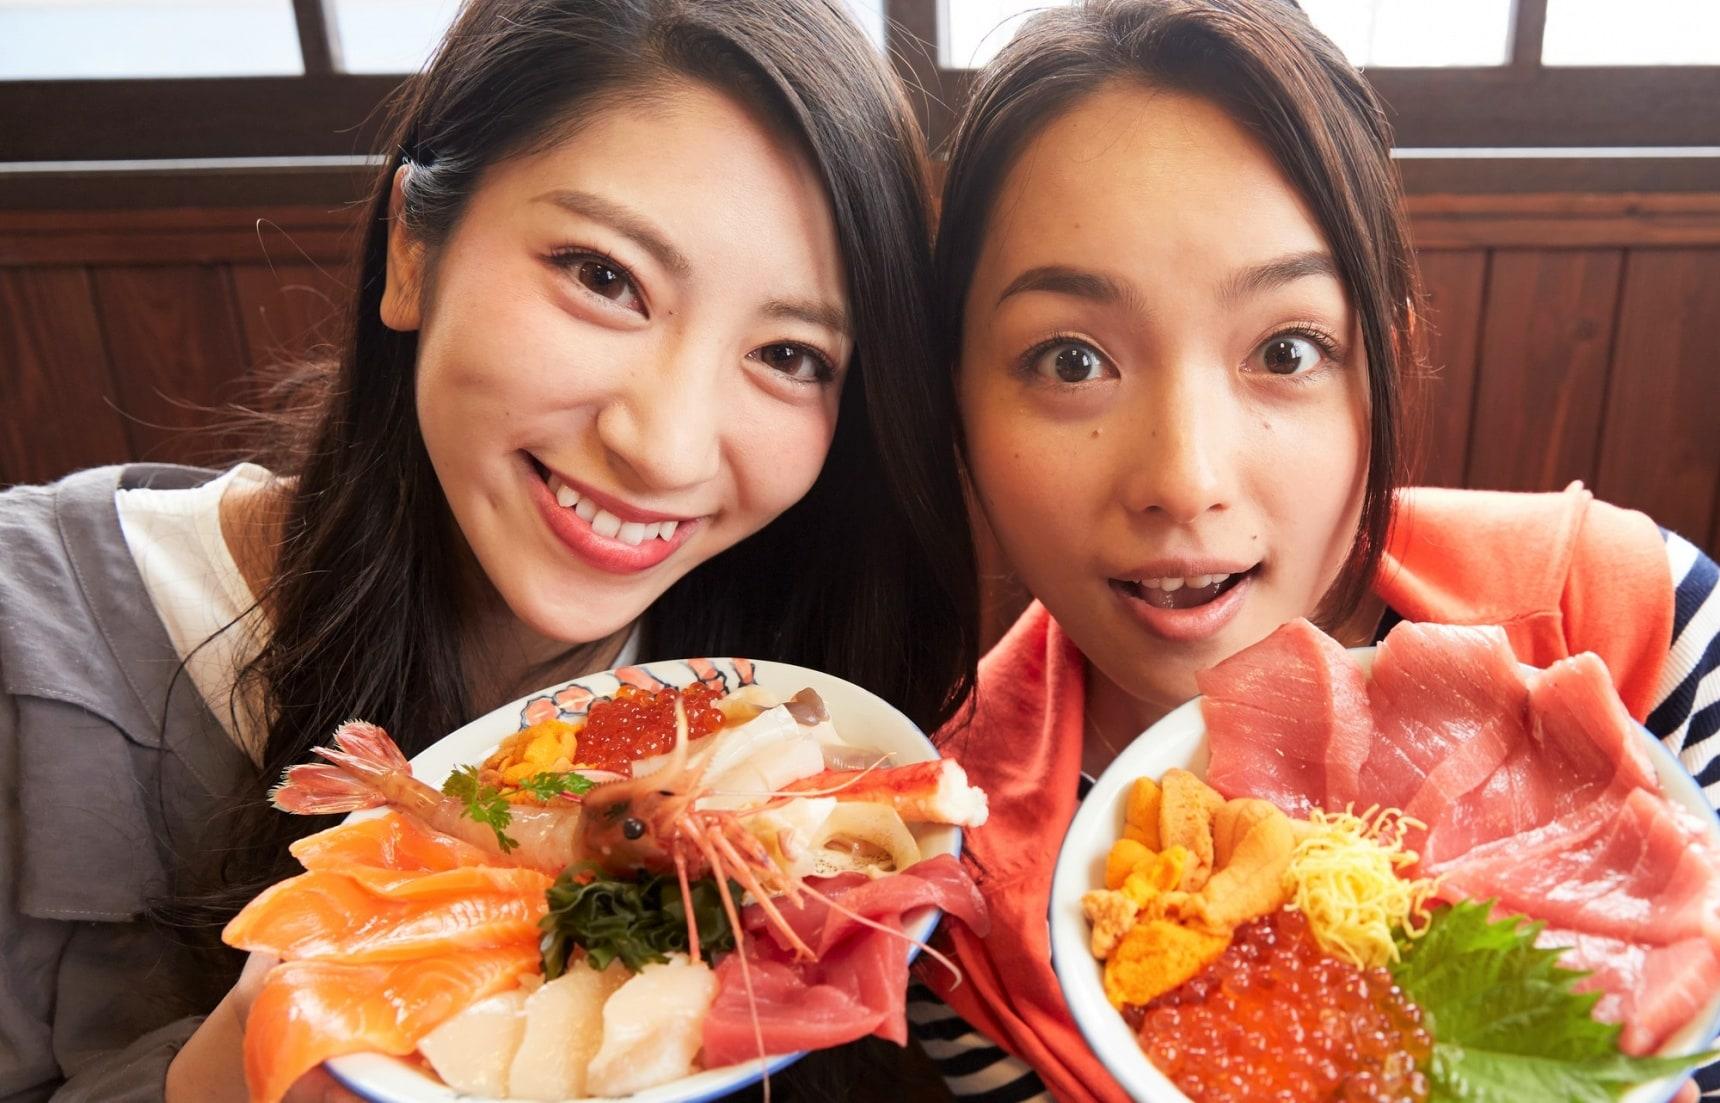 【東北自由行】用美食與伴手禮認識日本東北太平洋沿岸